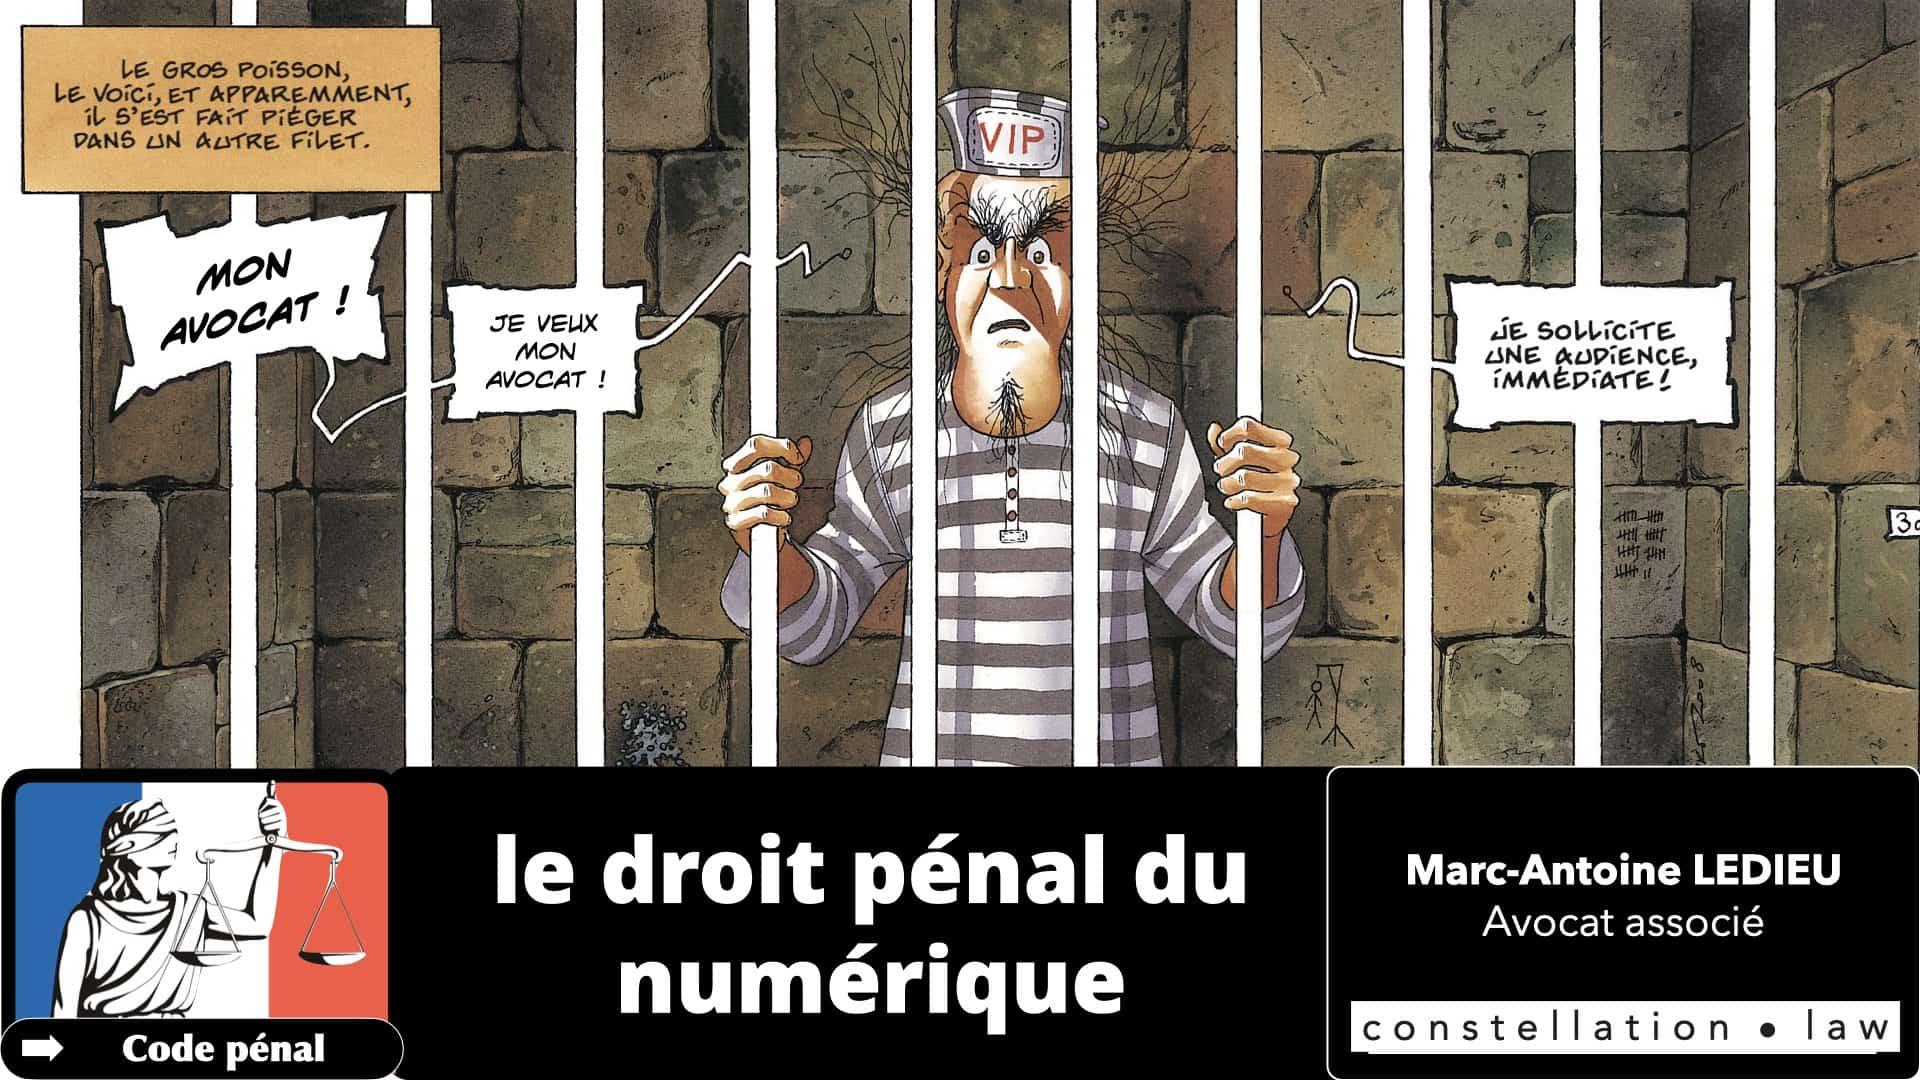 L'information : le droit pénal du numérique [vidéo 5/6]